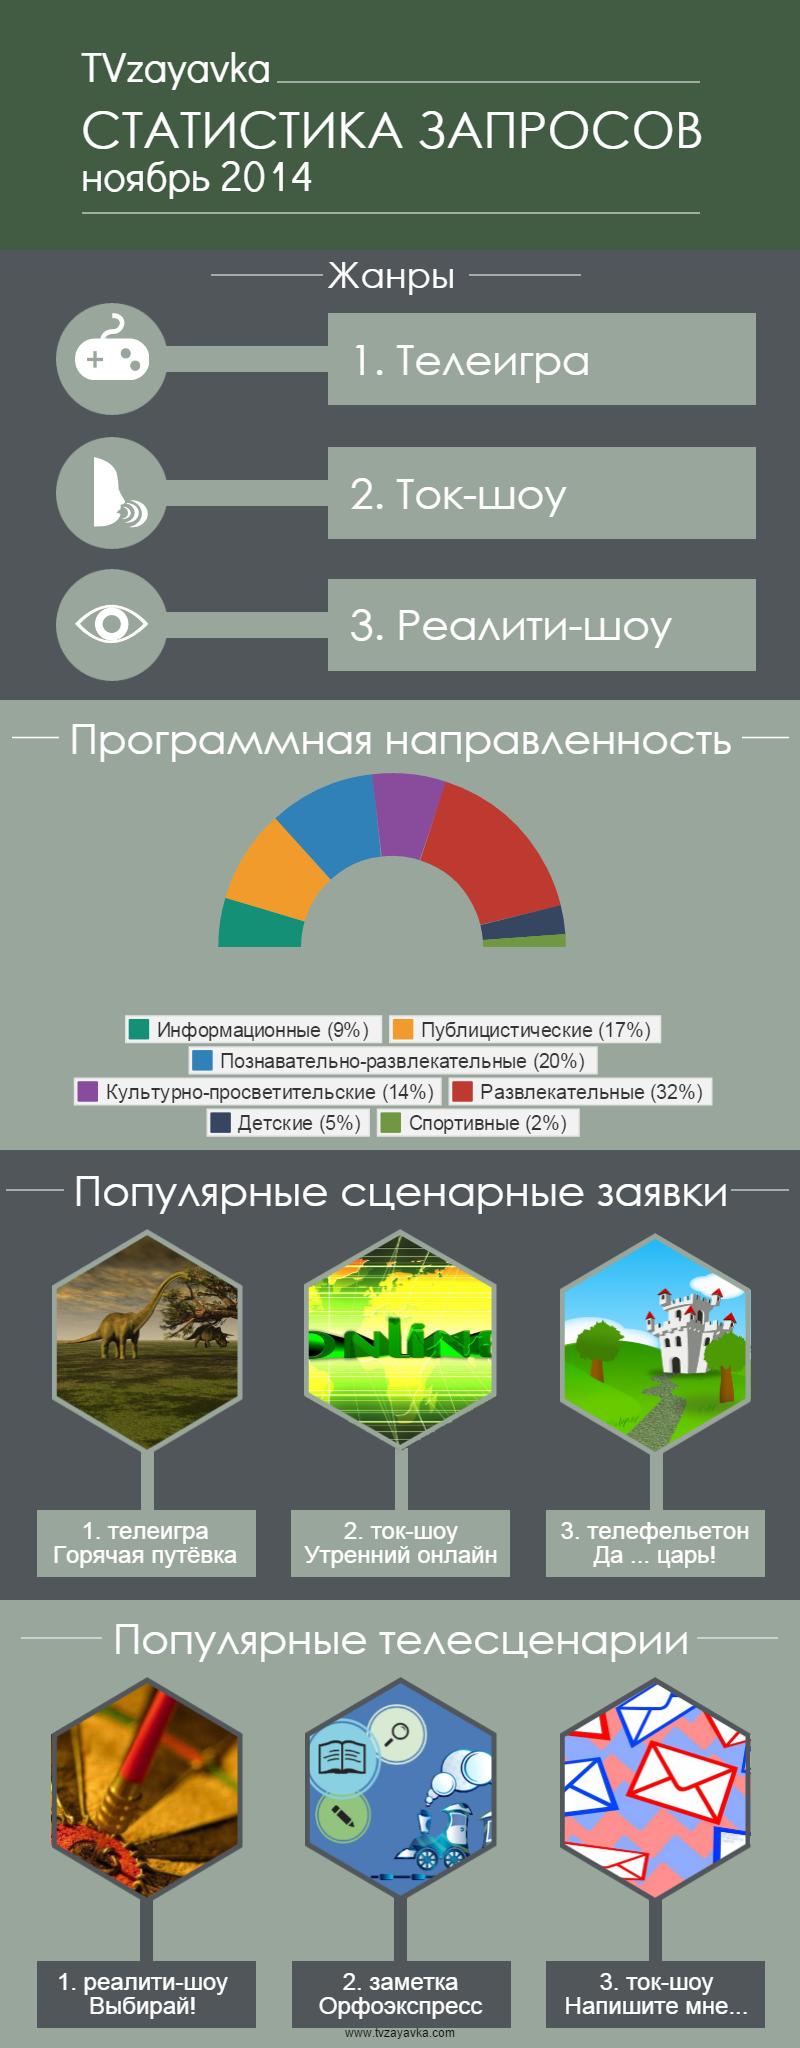 Статистика запросов. Ноябрь 2014